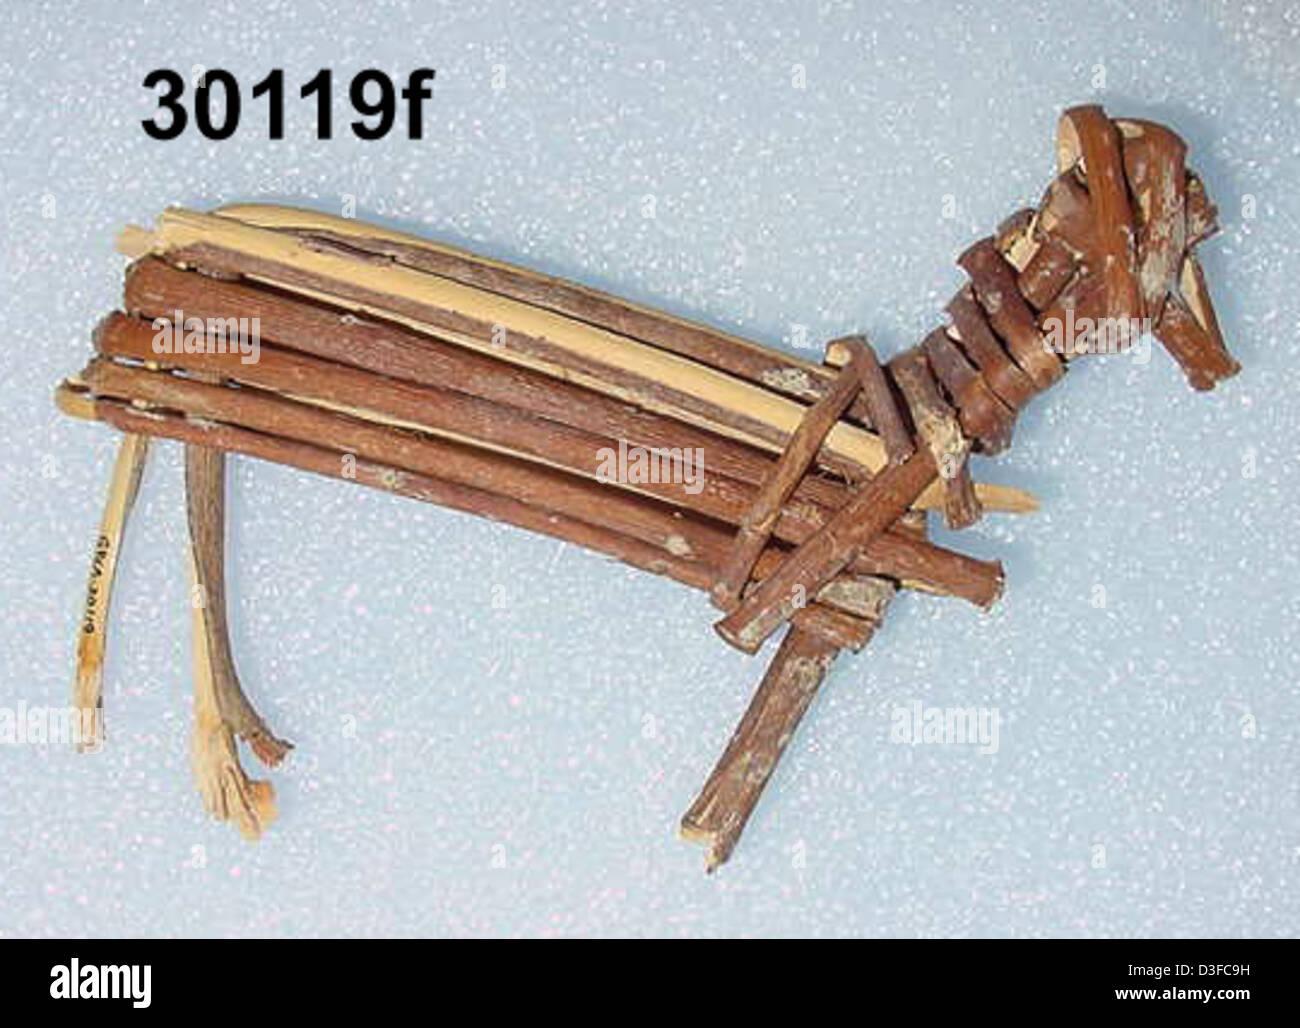 Split-Twig Figurine GRCA_30119f - Stock Image